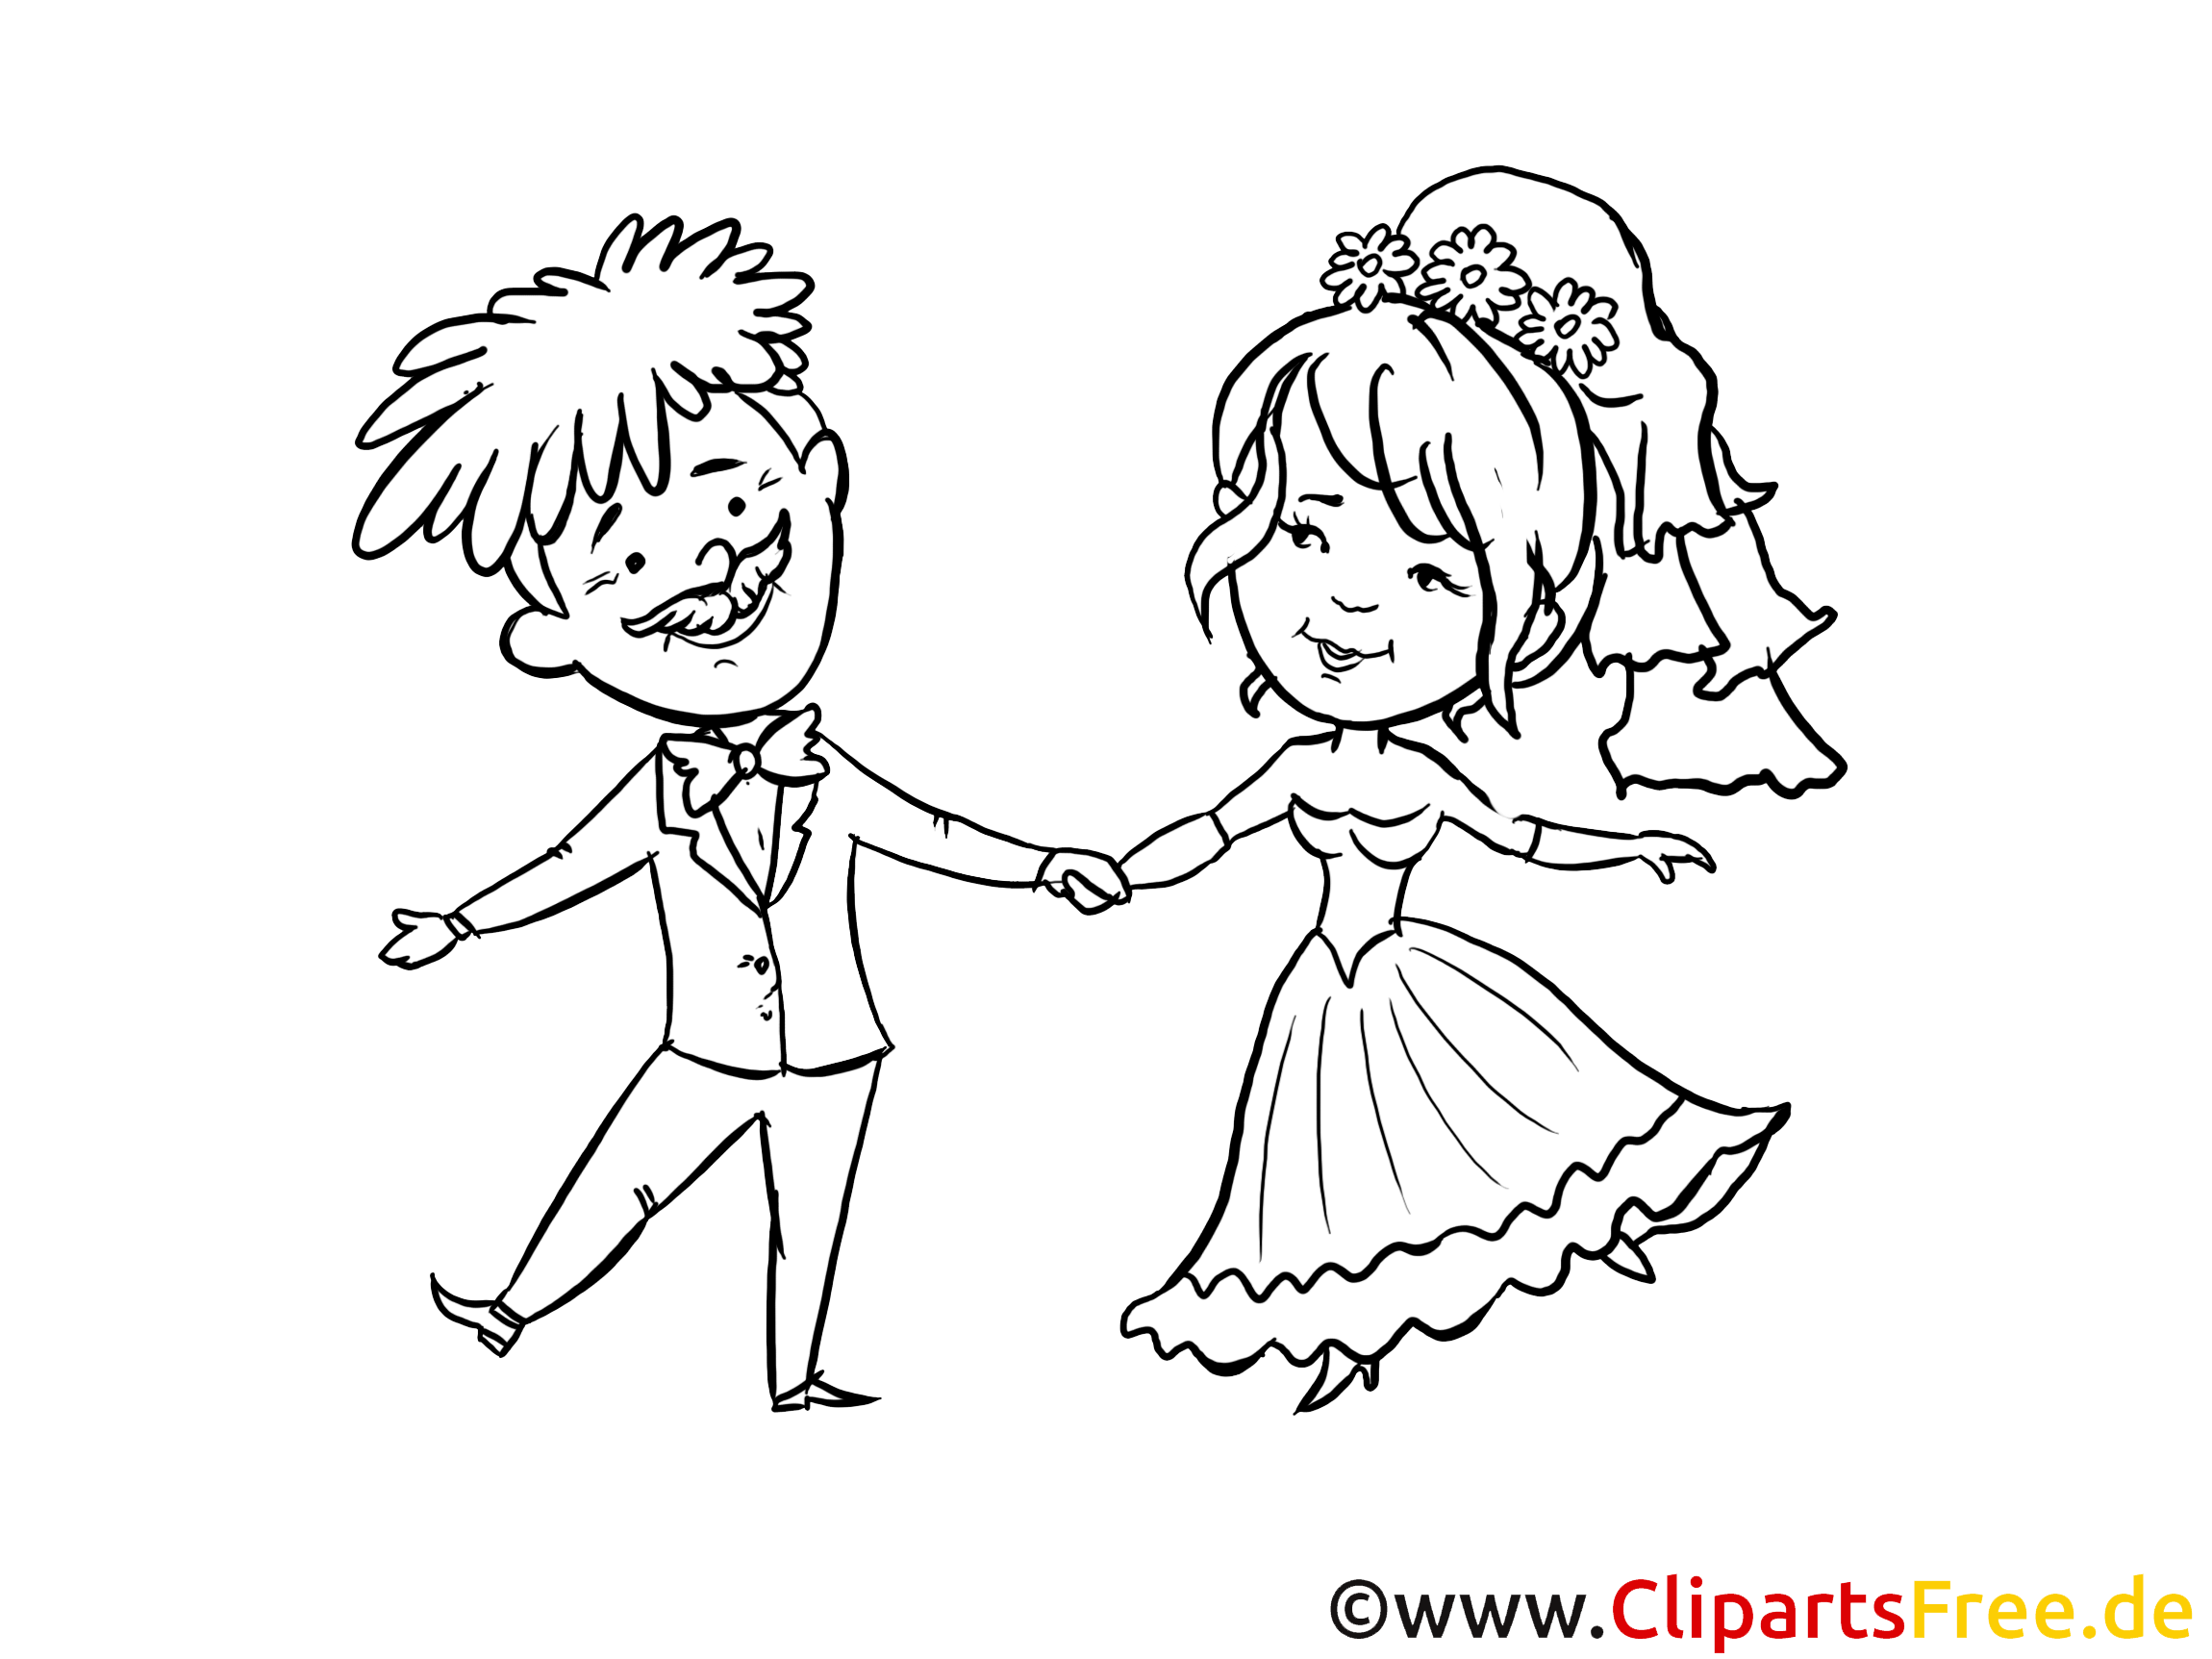 結婚式、新婚夫婦、幸せな恋人たちを着色するための描画